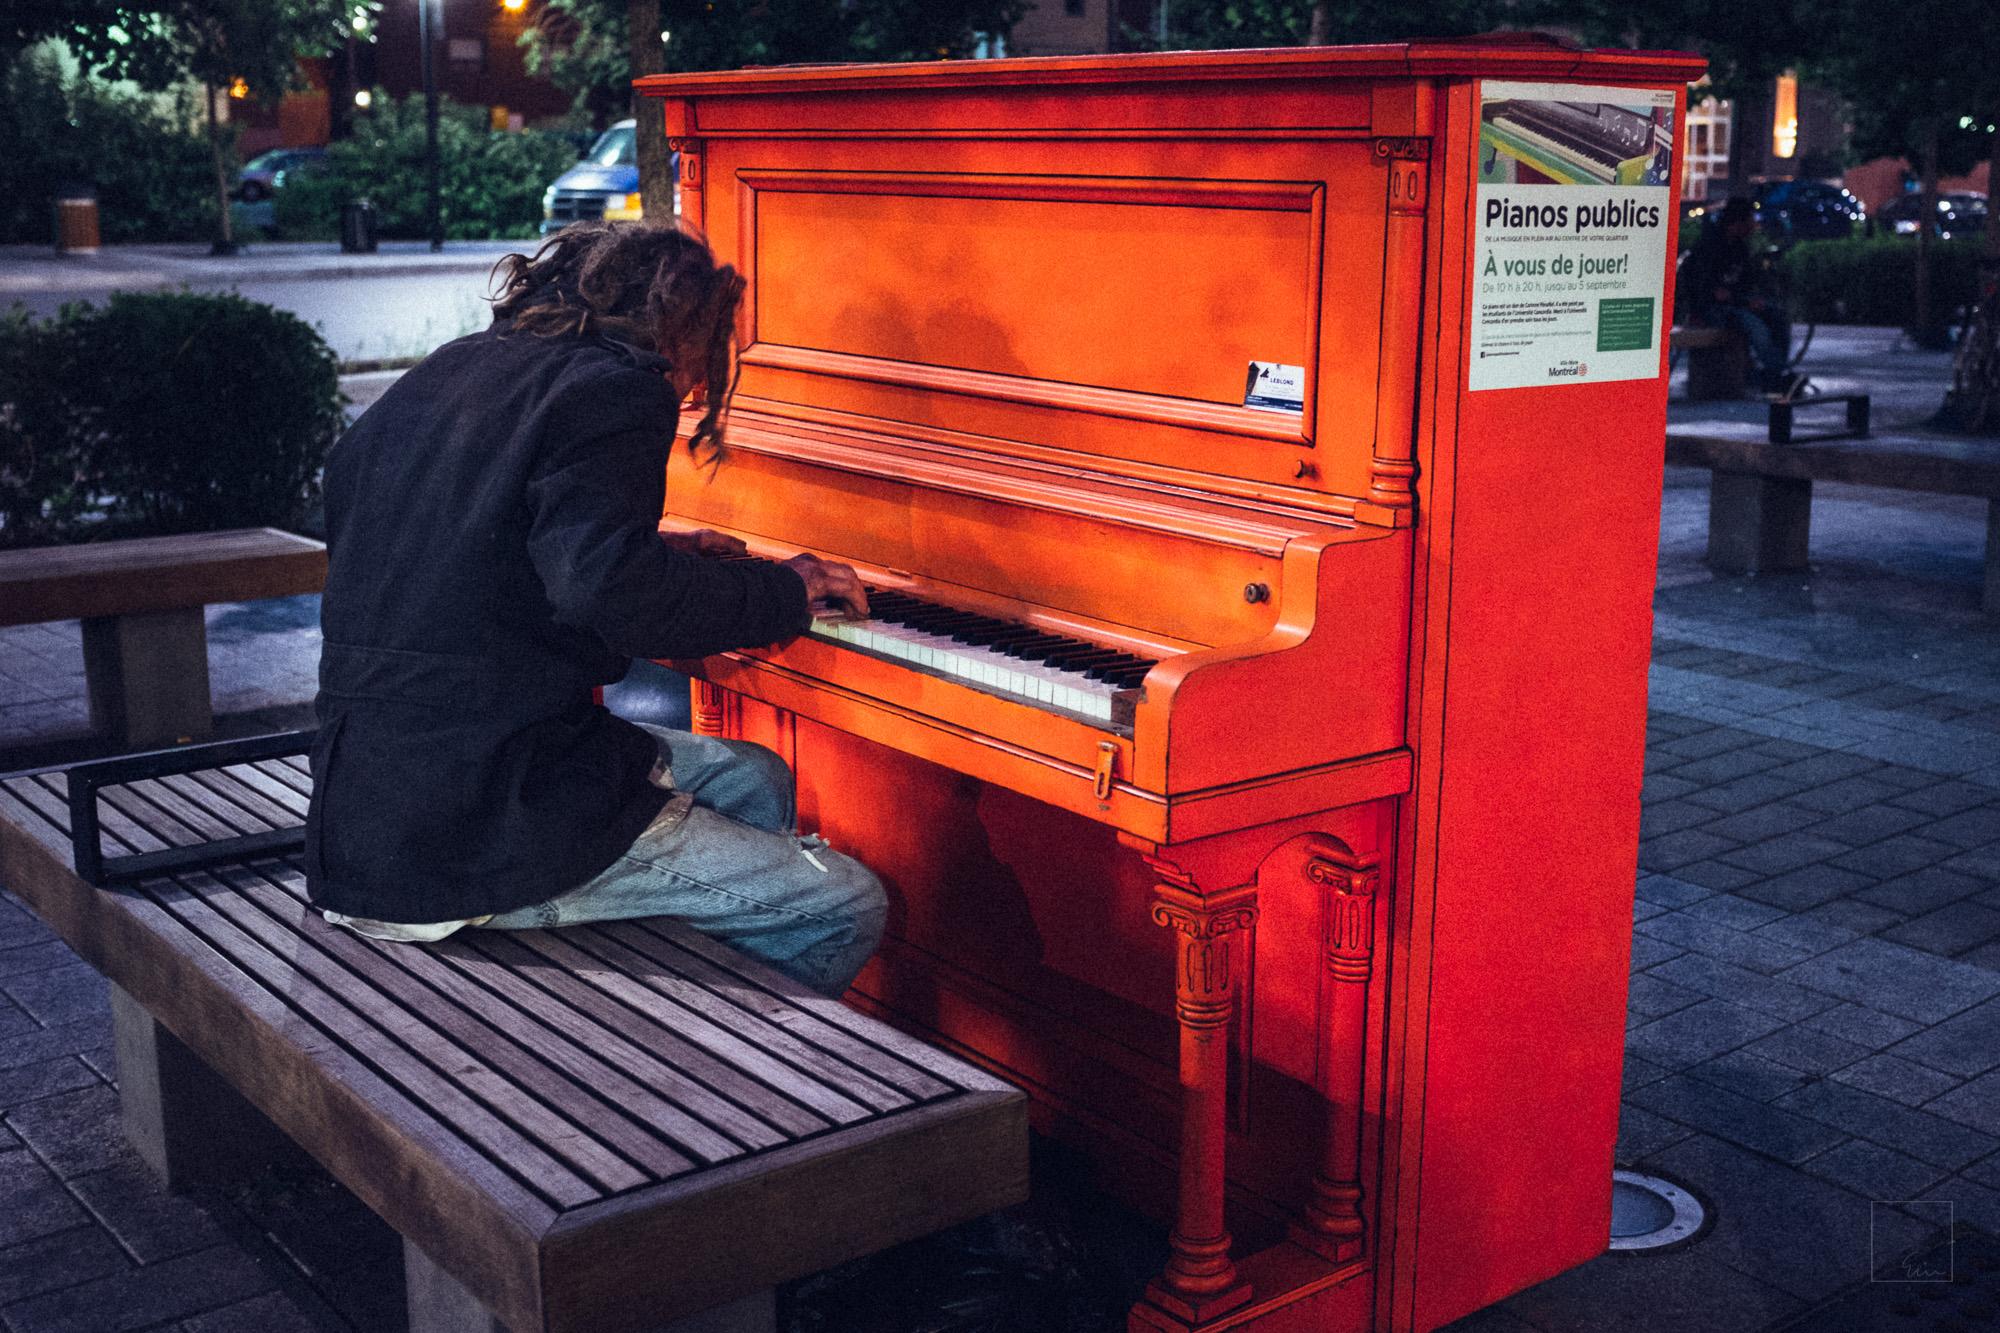 Pianos publics | 068x